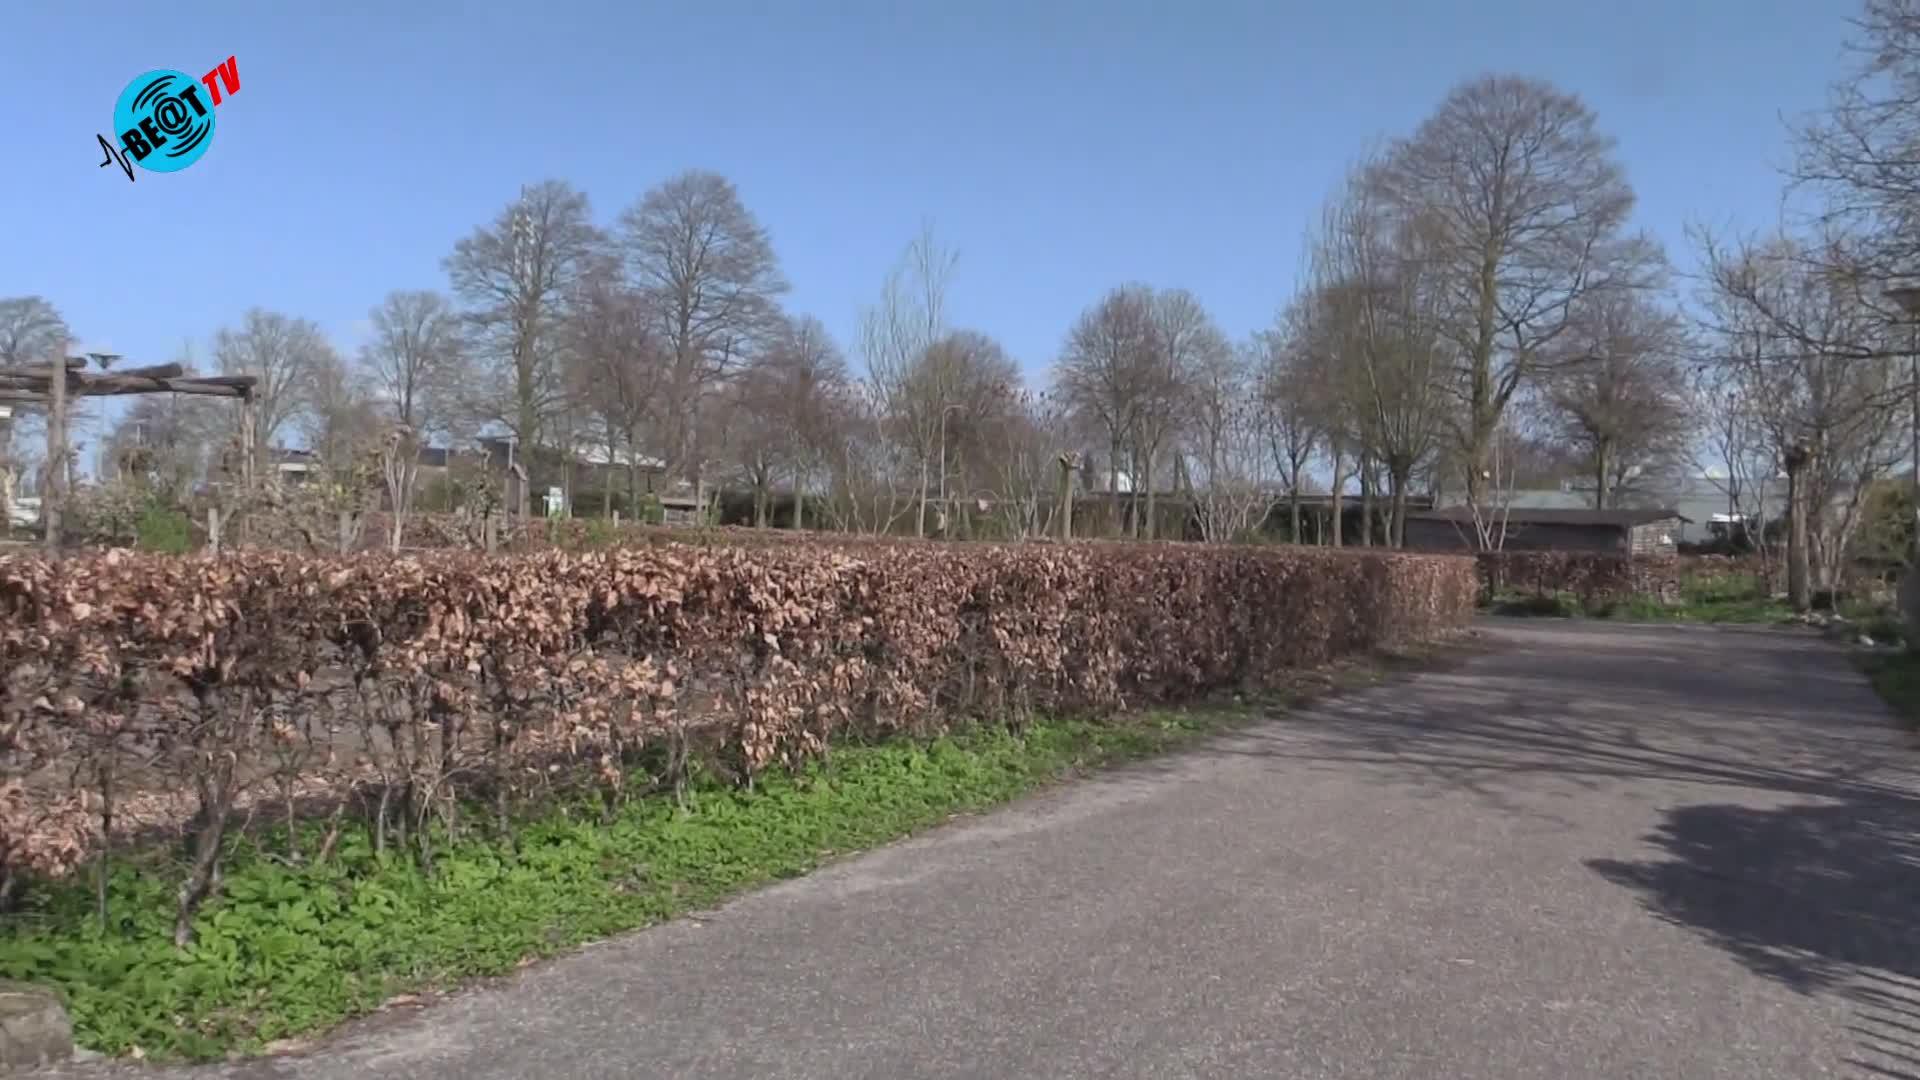 Luisterpalen Landgoed Willibrordus Heiloo geplaatst (20 april 2021)